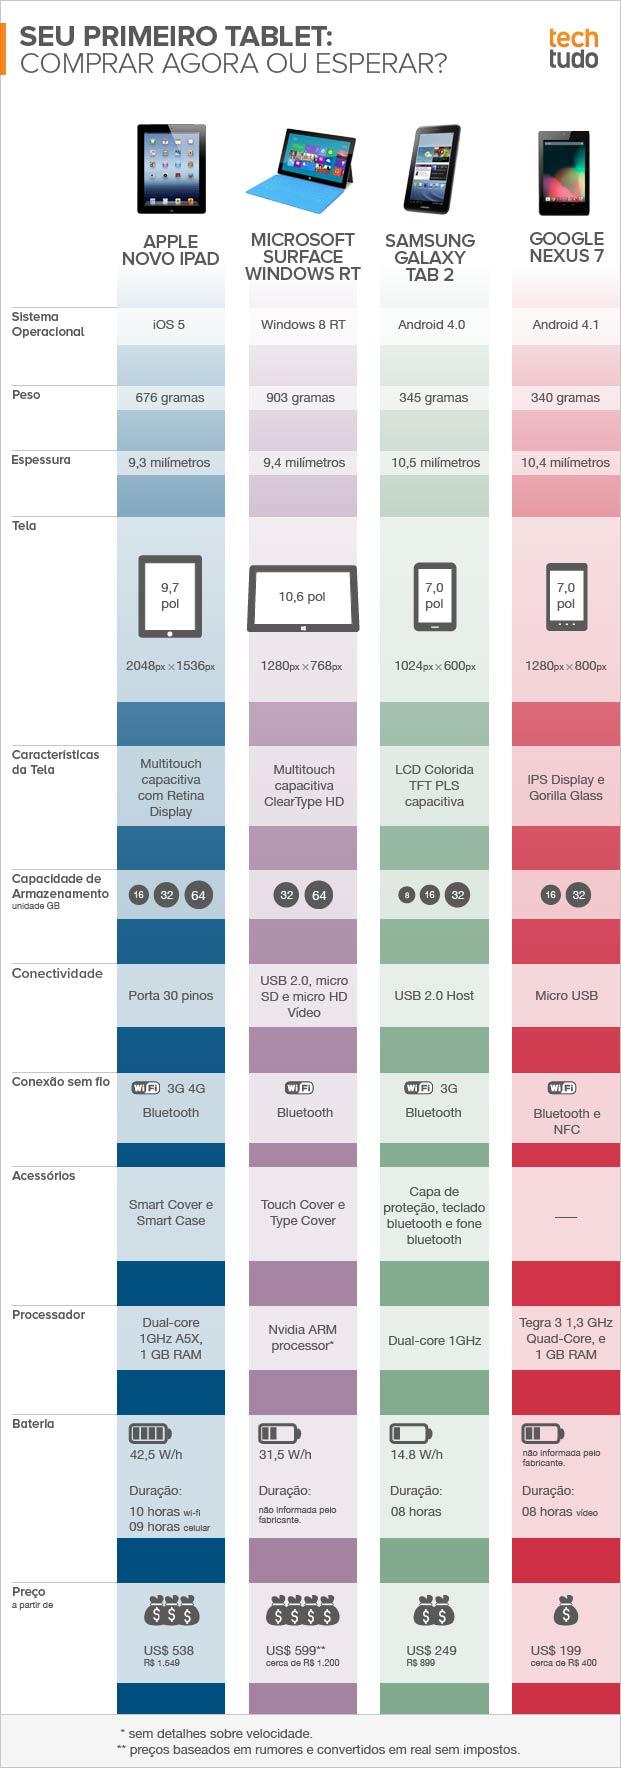 Entenda a diferença entre os tablets mais cotados do mercado (Foto: TechTudo)